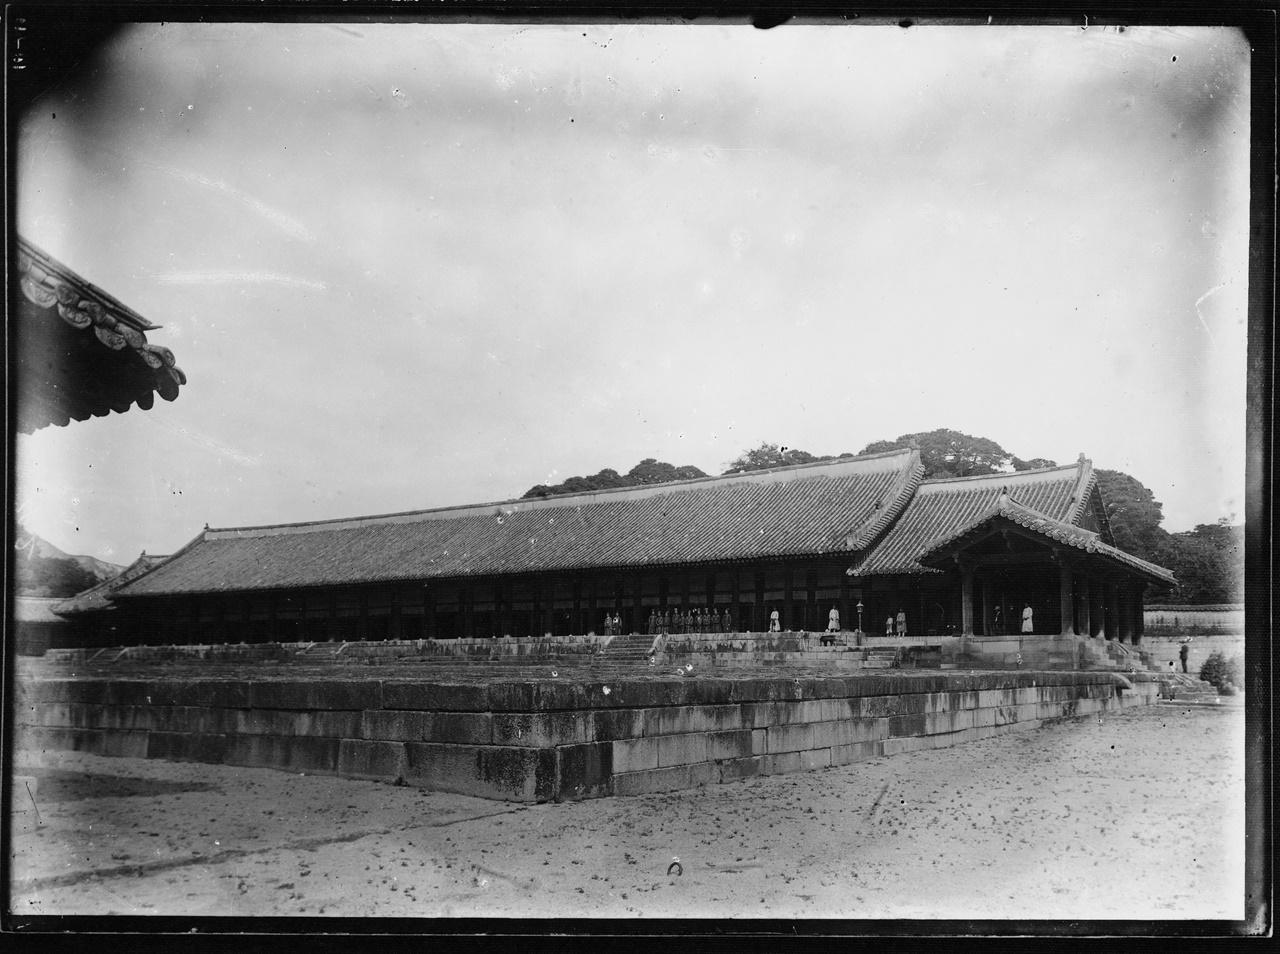 1909년에 촬영한 종묘